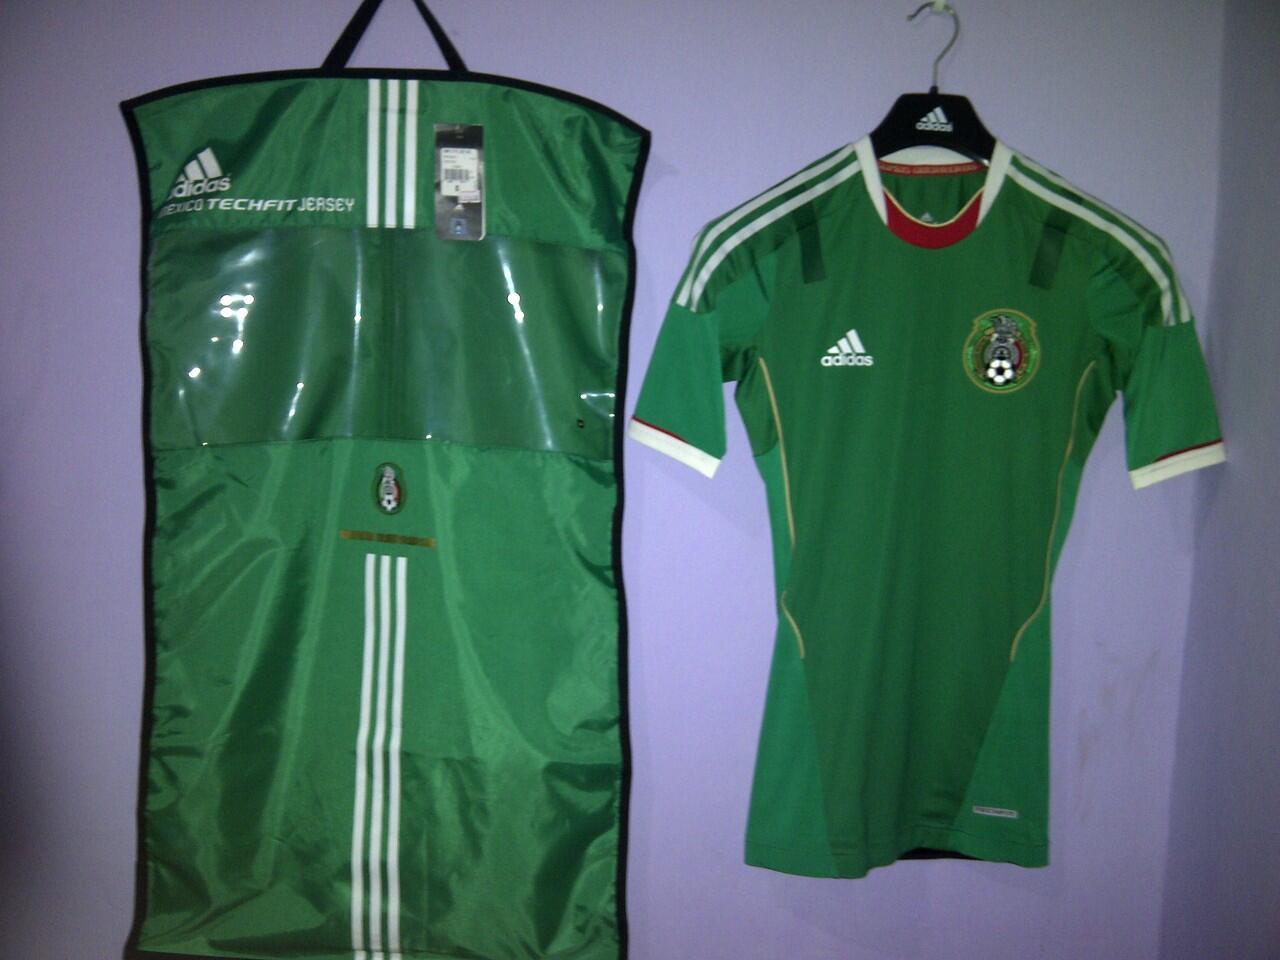 LELANG Jersey AC Milan - Mexico - Chelsea <> TECHFIT ORI BNWT